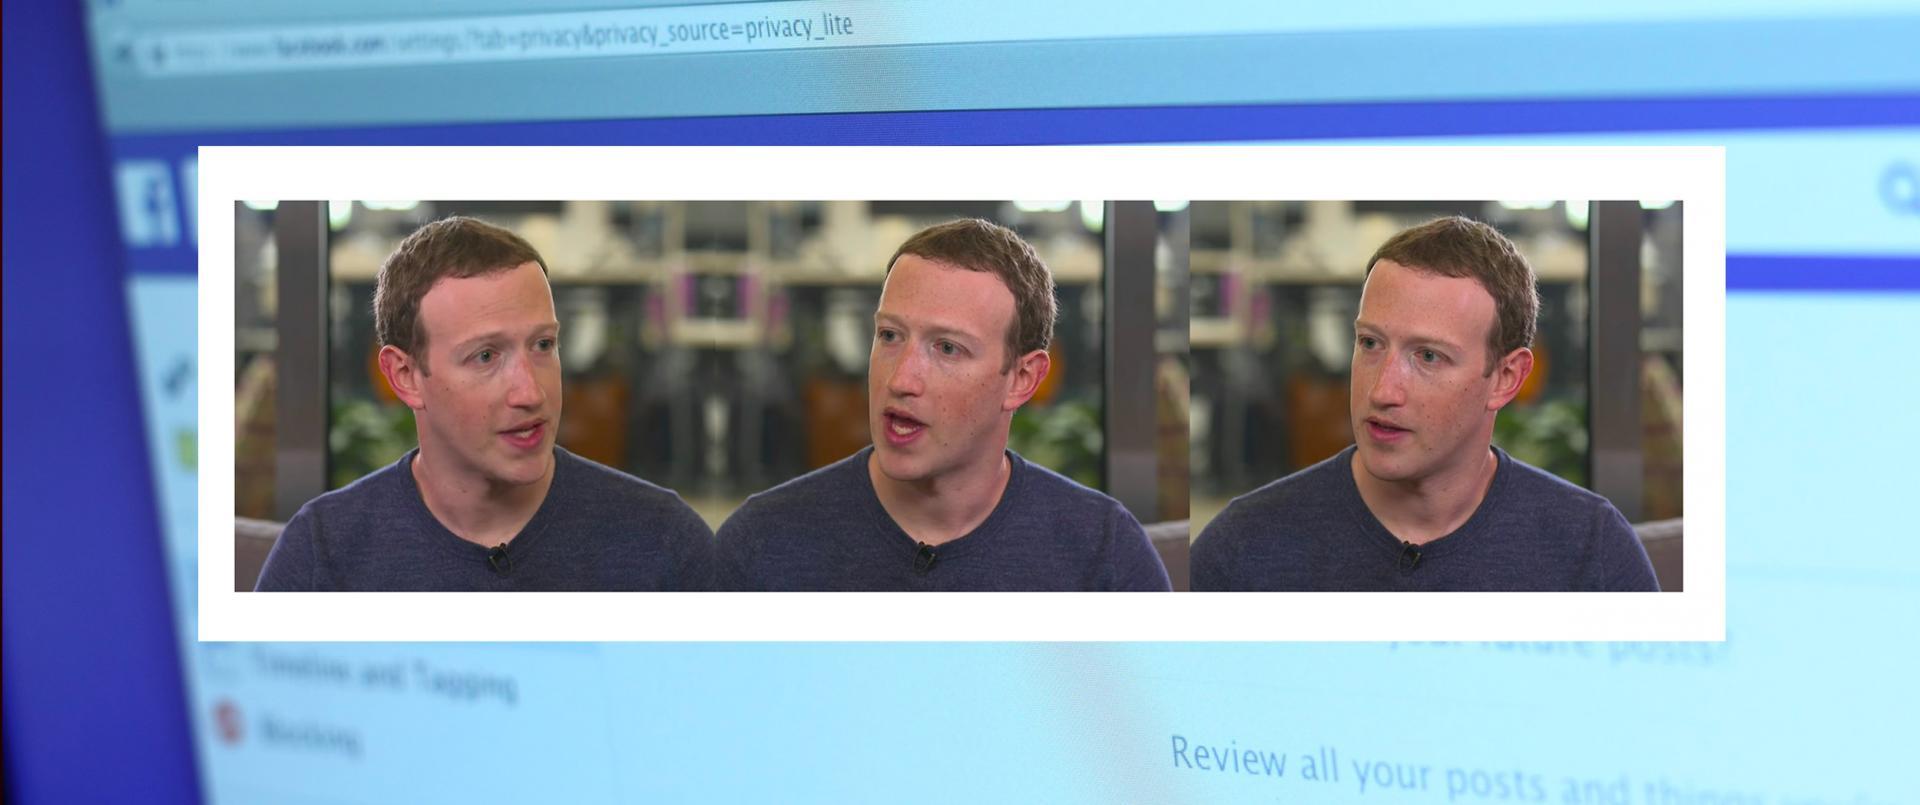 Come cambierà Facebook dopo lo scandalo, spiegato da Zuckerberg